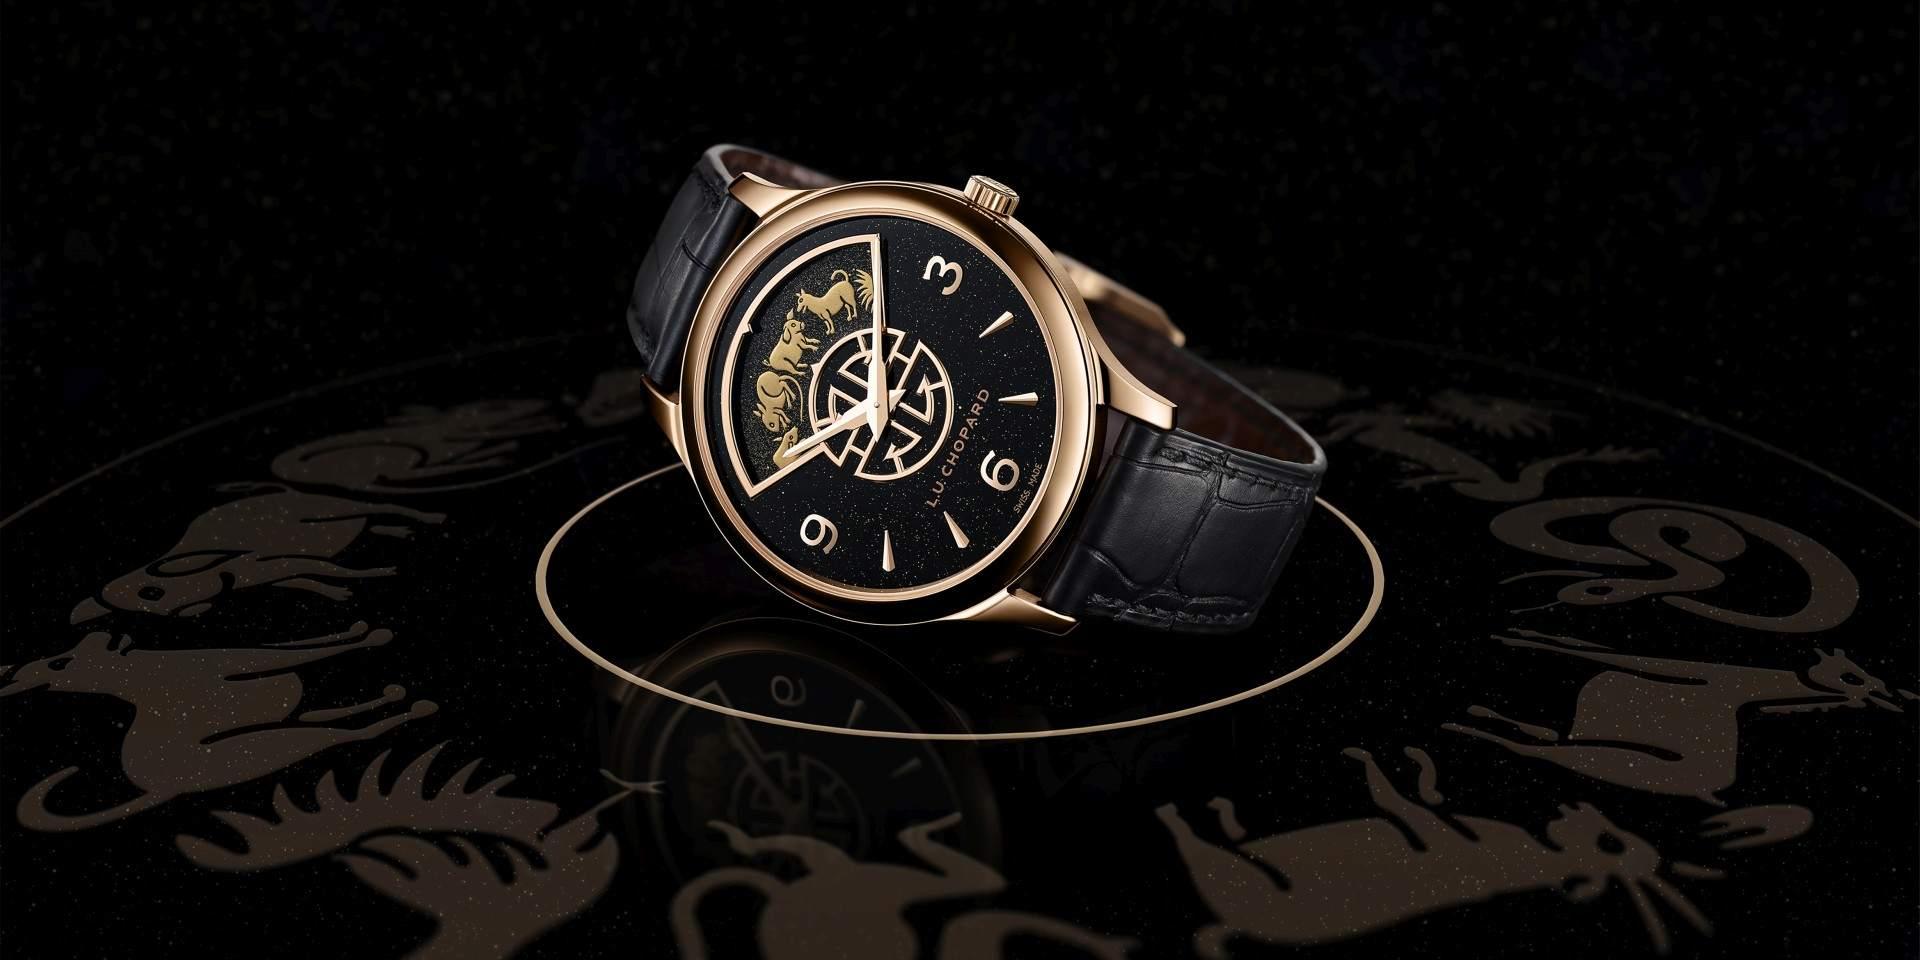 第一款以中國時辰為主角的瑞士高級時計:蕭邦L.U.C XP Urushi Spirit of Shí Chen蒔繪腕錶